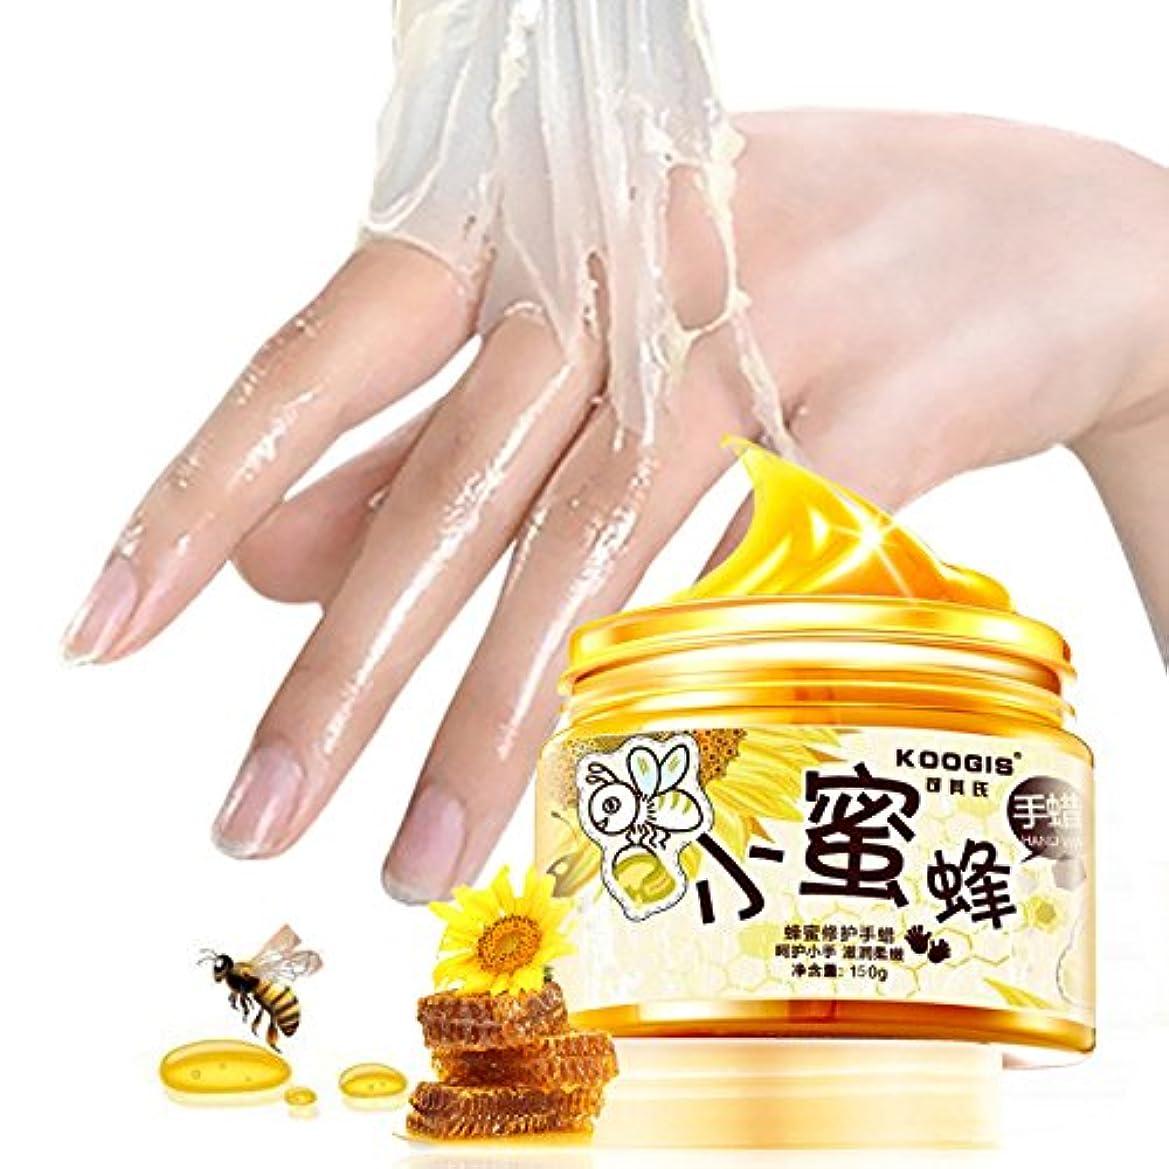 曲おびえた引き算Rabugoo ミルク&ハニーピールオフハンドワックスマスク - エクスフォリエーターモイスチャライジングホワイトニングナリッシュピーリングマスク - 150g / ml